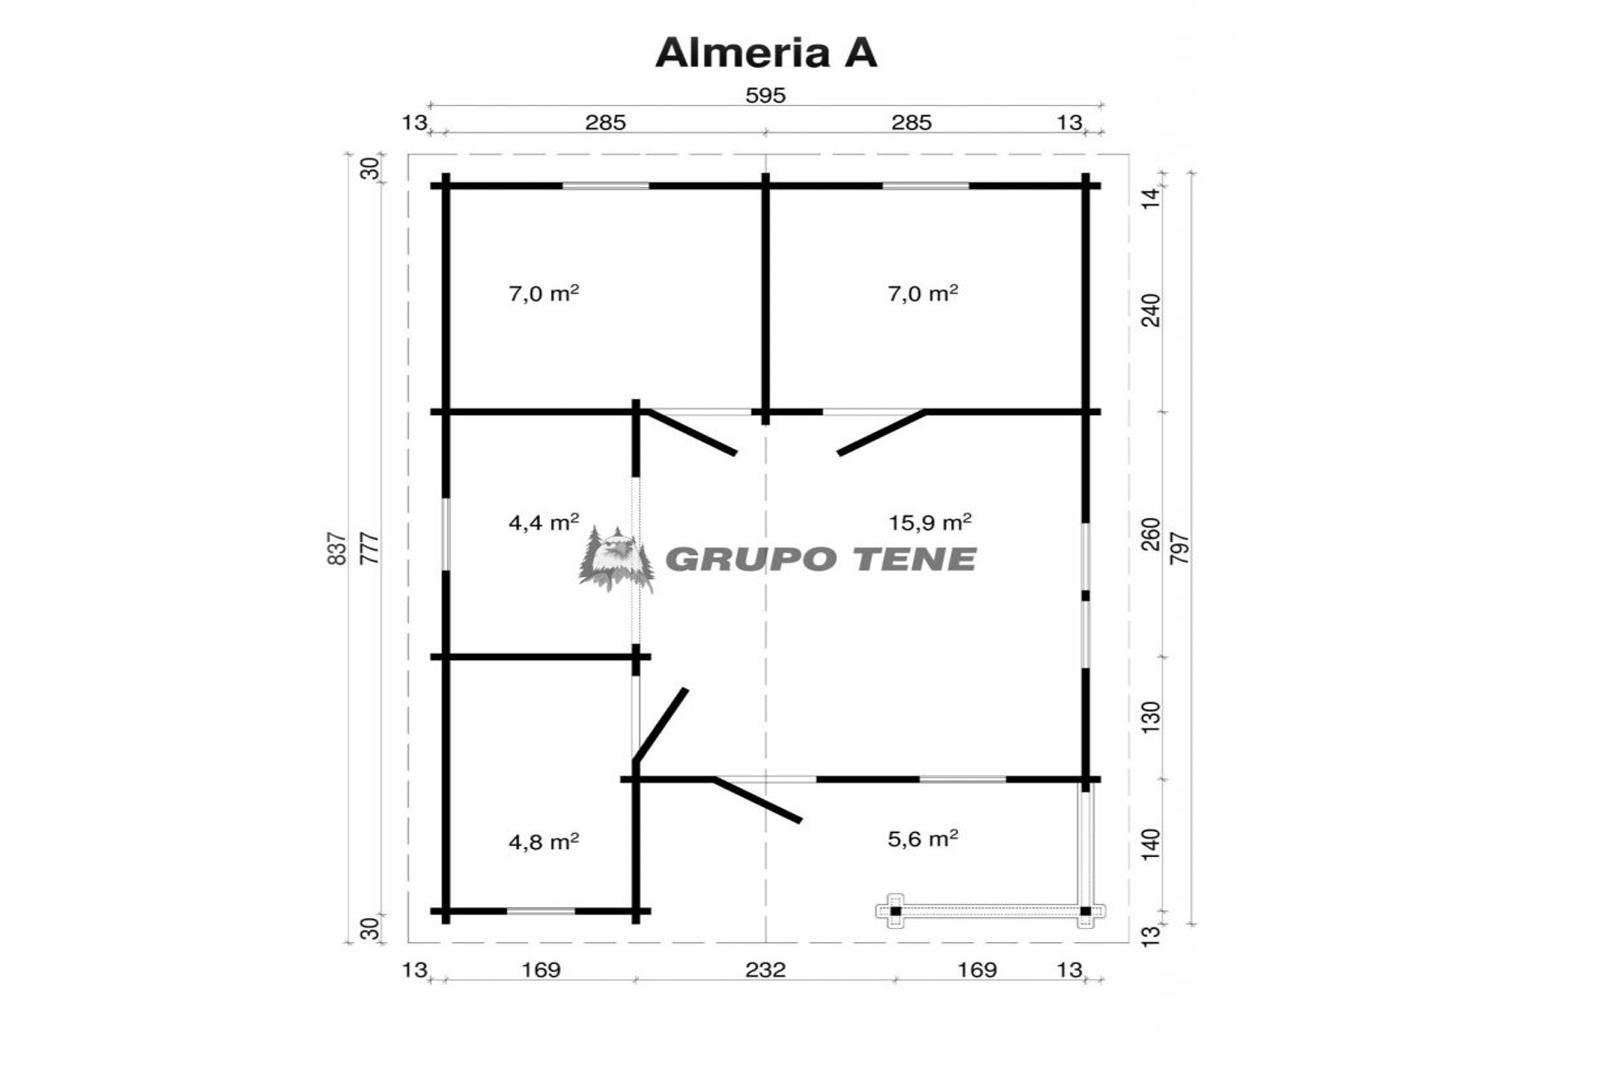 plano-almeria-a